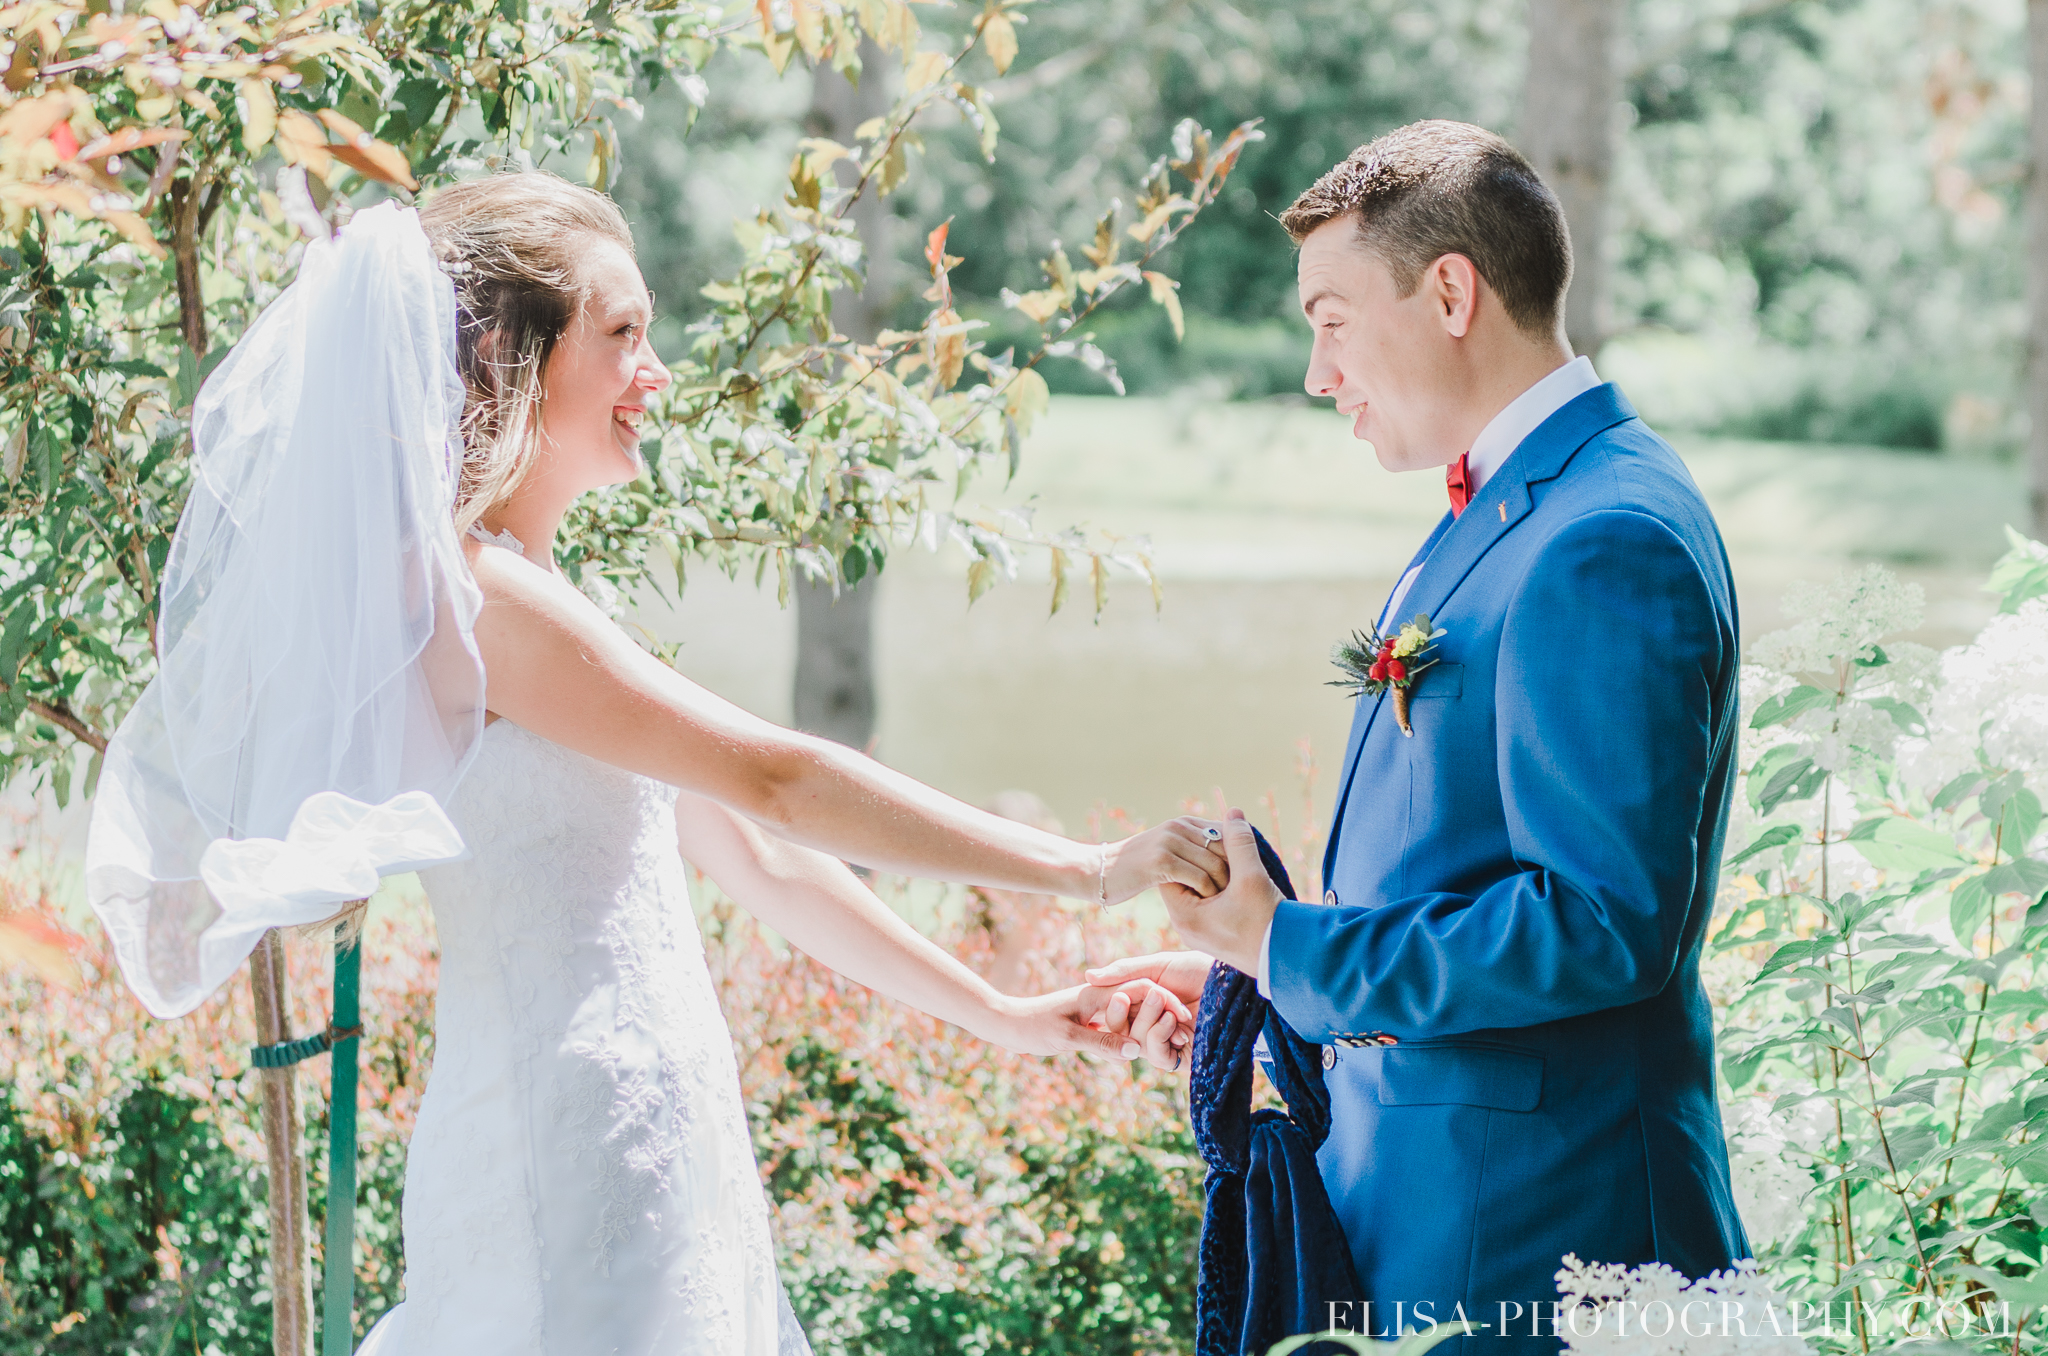 photo mariage grange rouge quebec first look 0090 - Mariage coloré à la grange rouge de Brompton